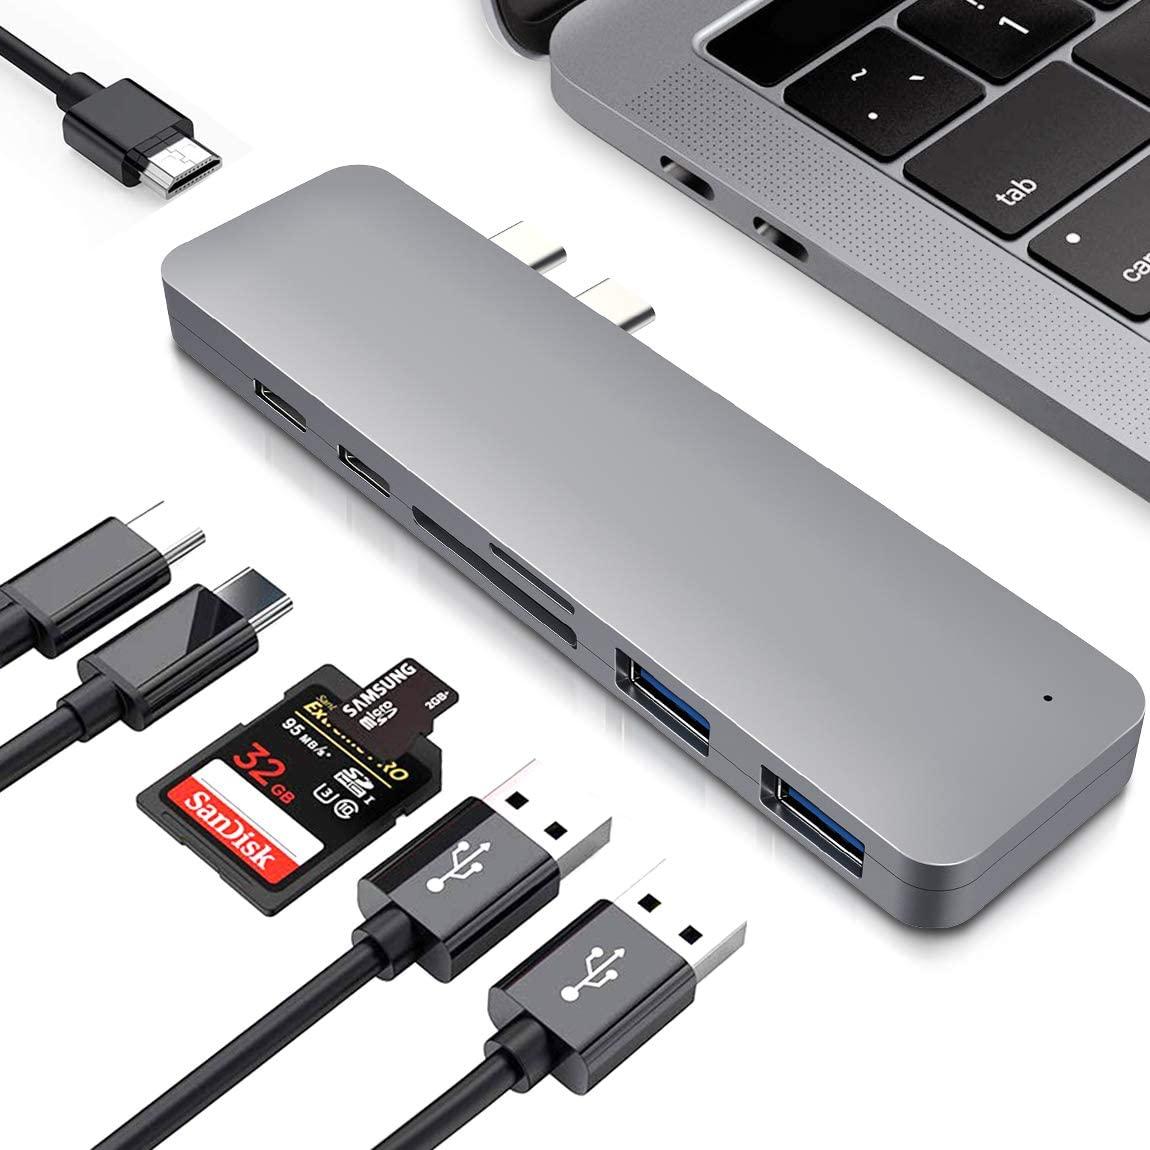 Hub USB 7 in 1 Thunderbolt 3 13.9€